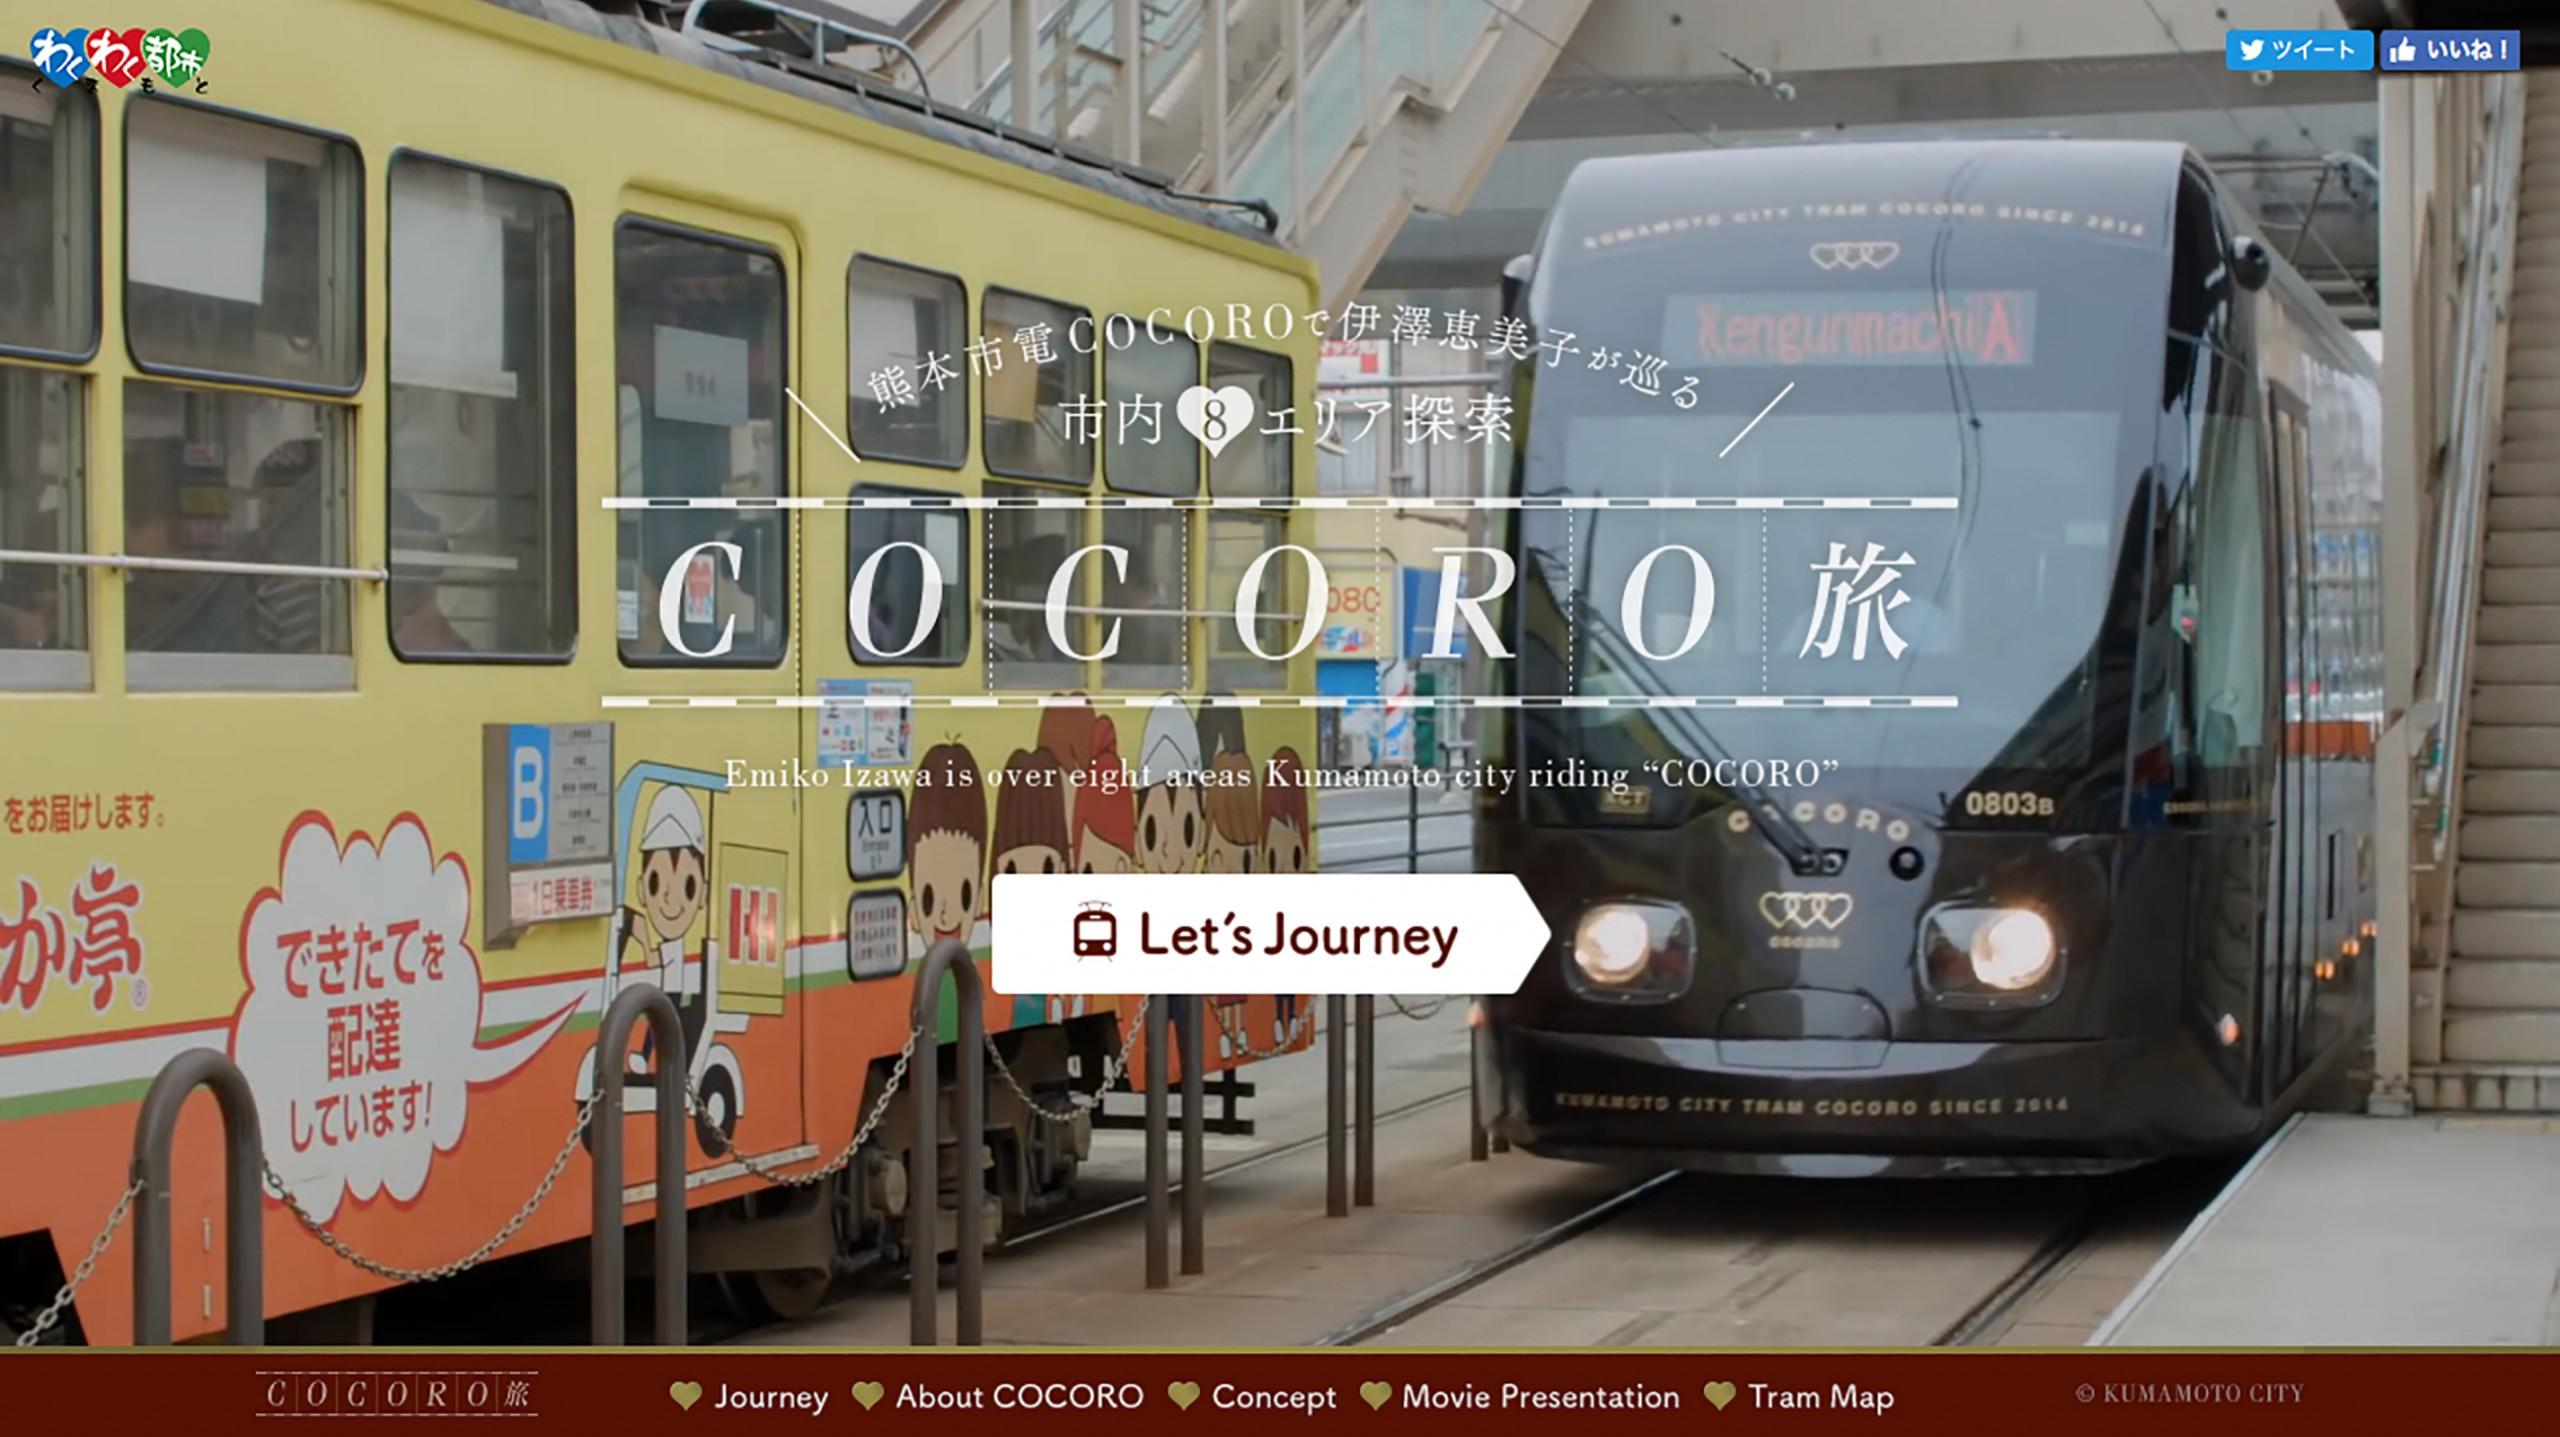 熊本市 COCORO旅